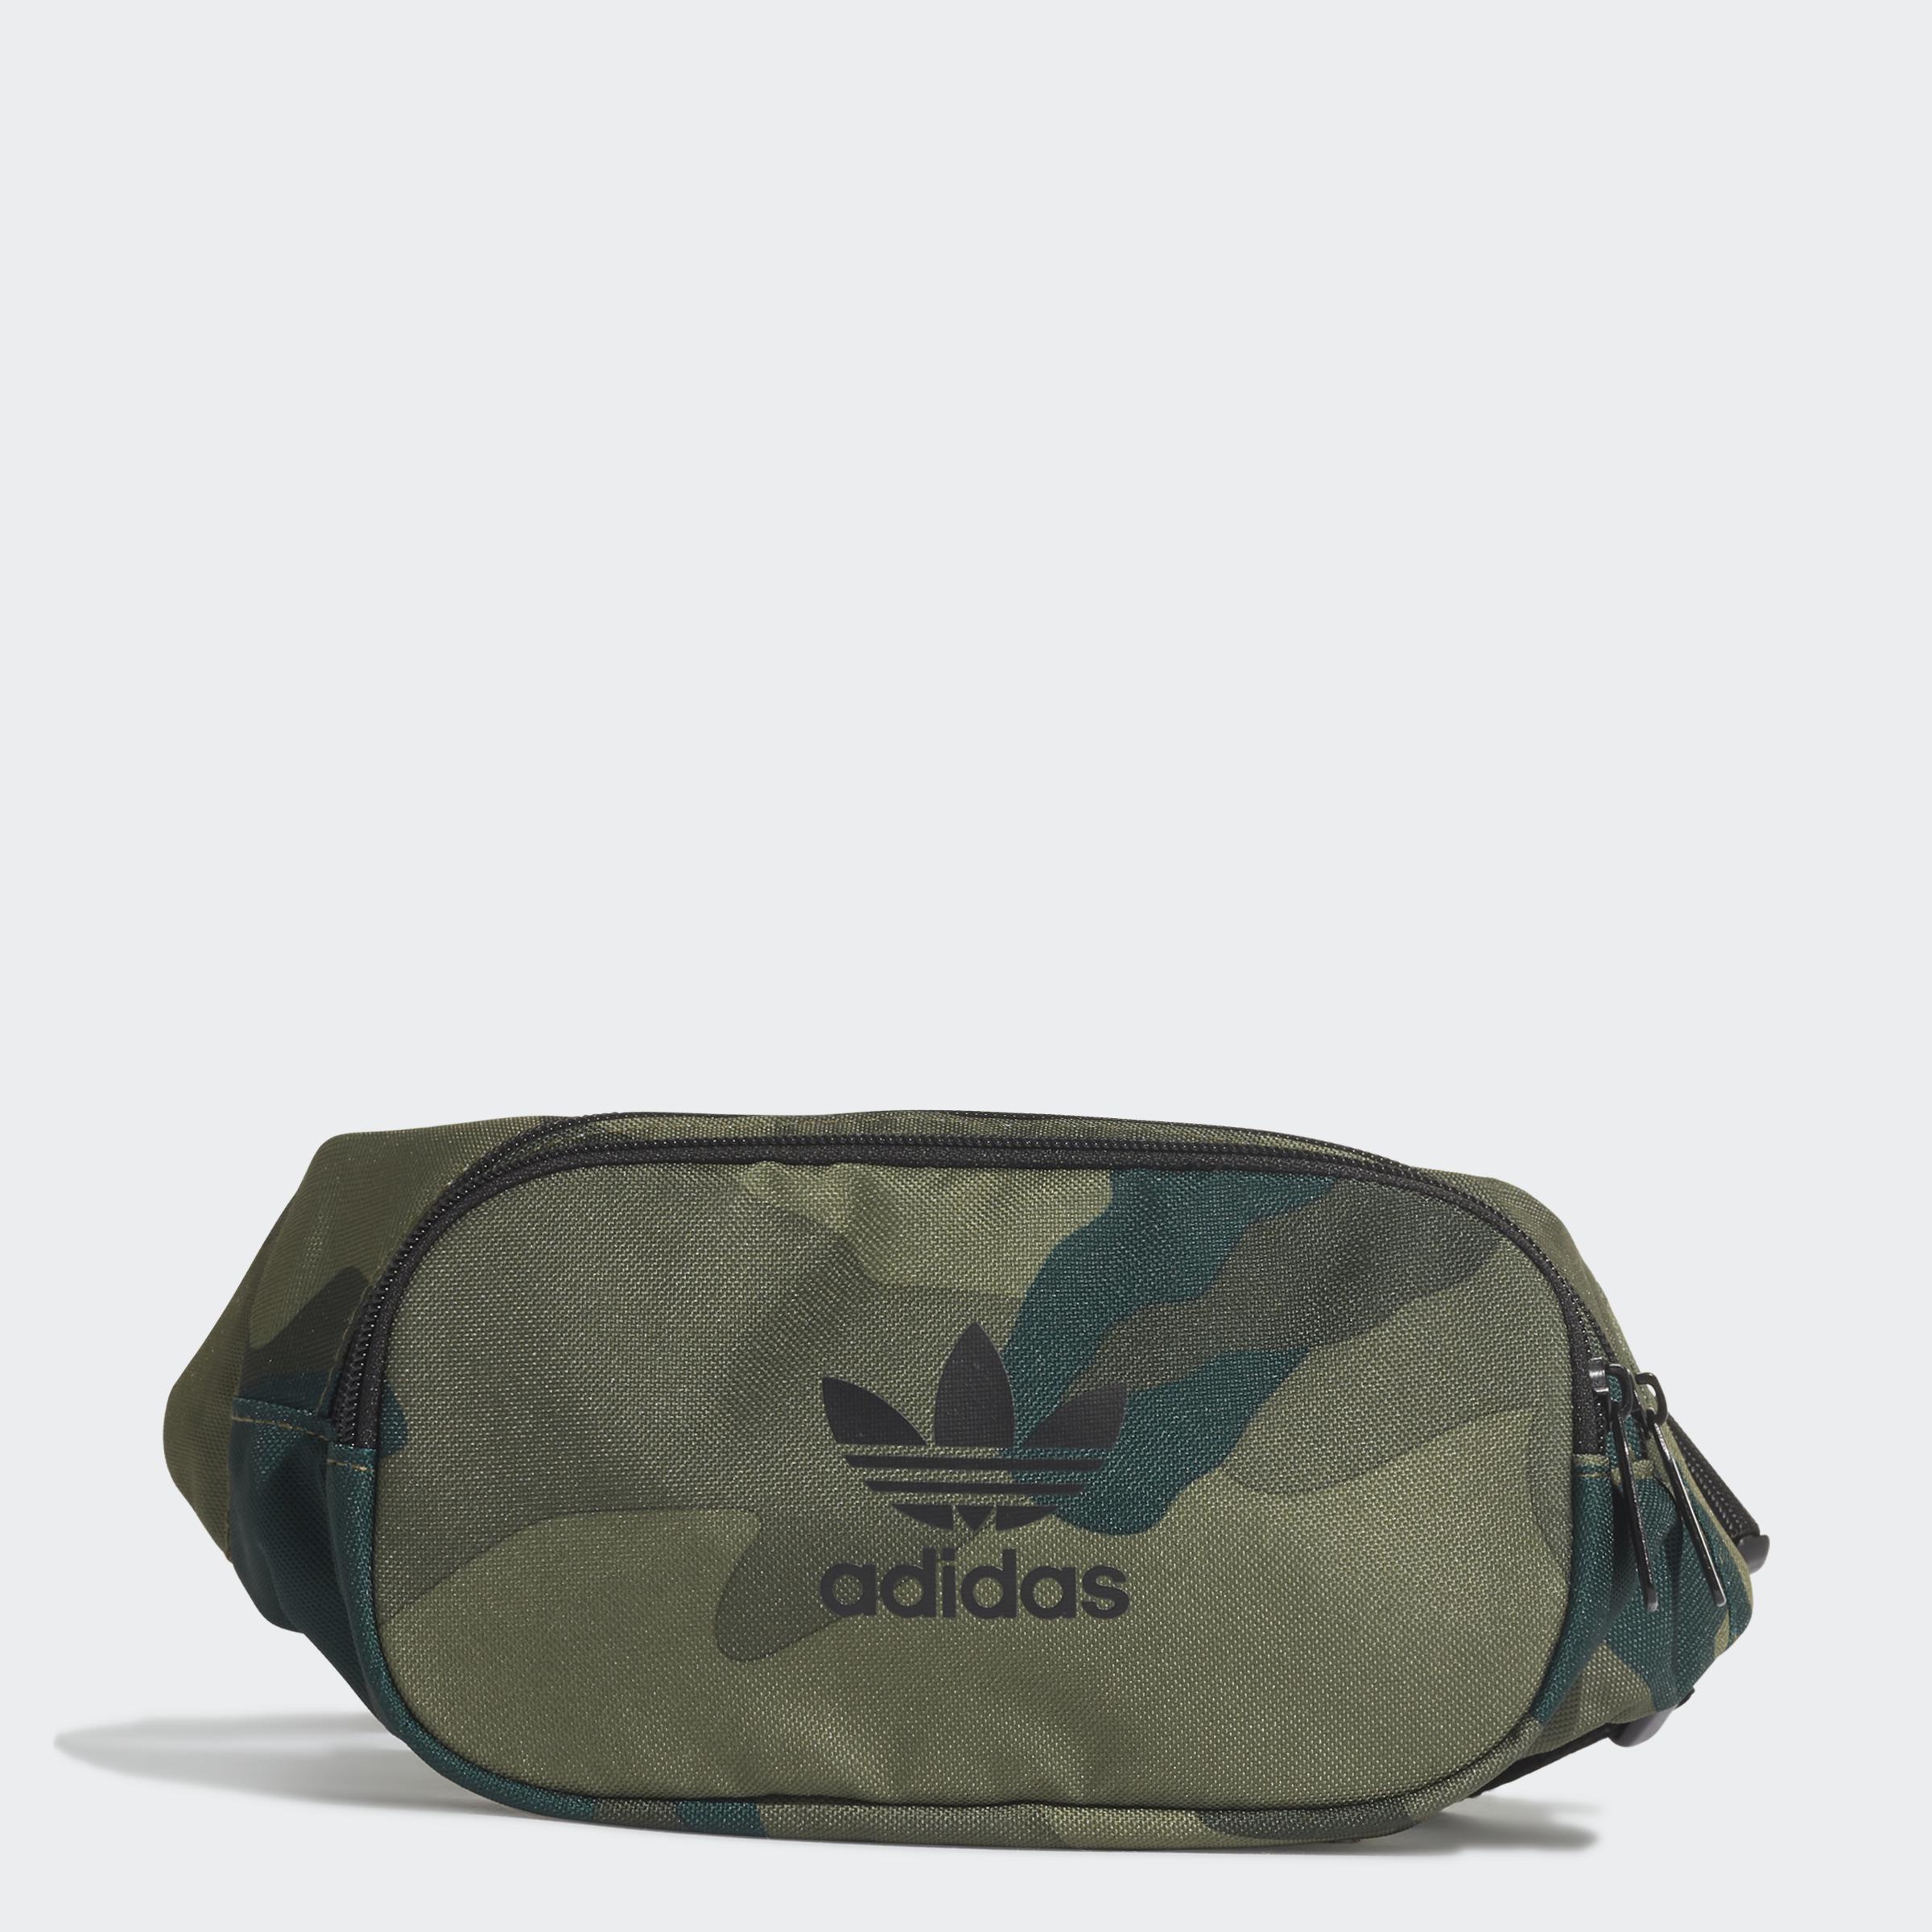 bolsos adidas hombre ecuador